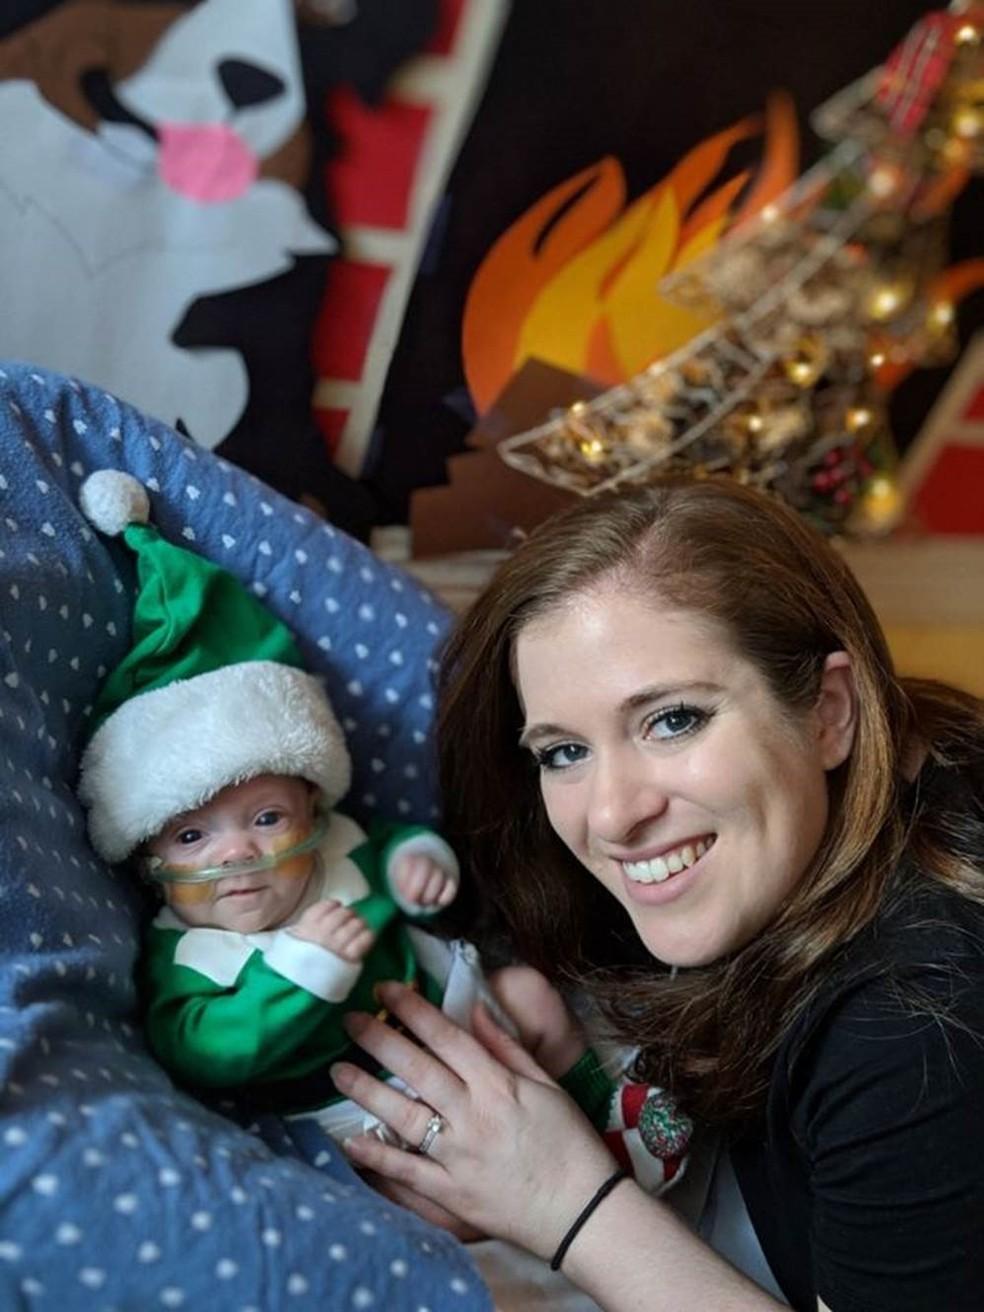 Connor fantasiado de duende para o Natal — Foto: JAIMIE E JOHN FLORIO